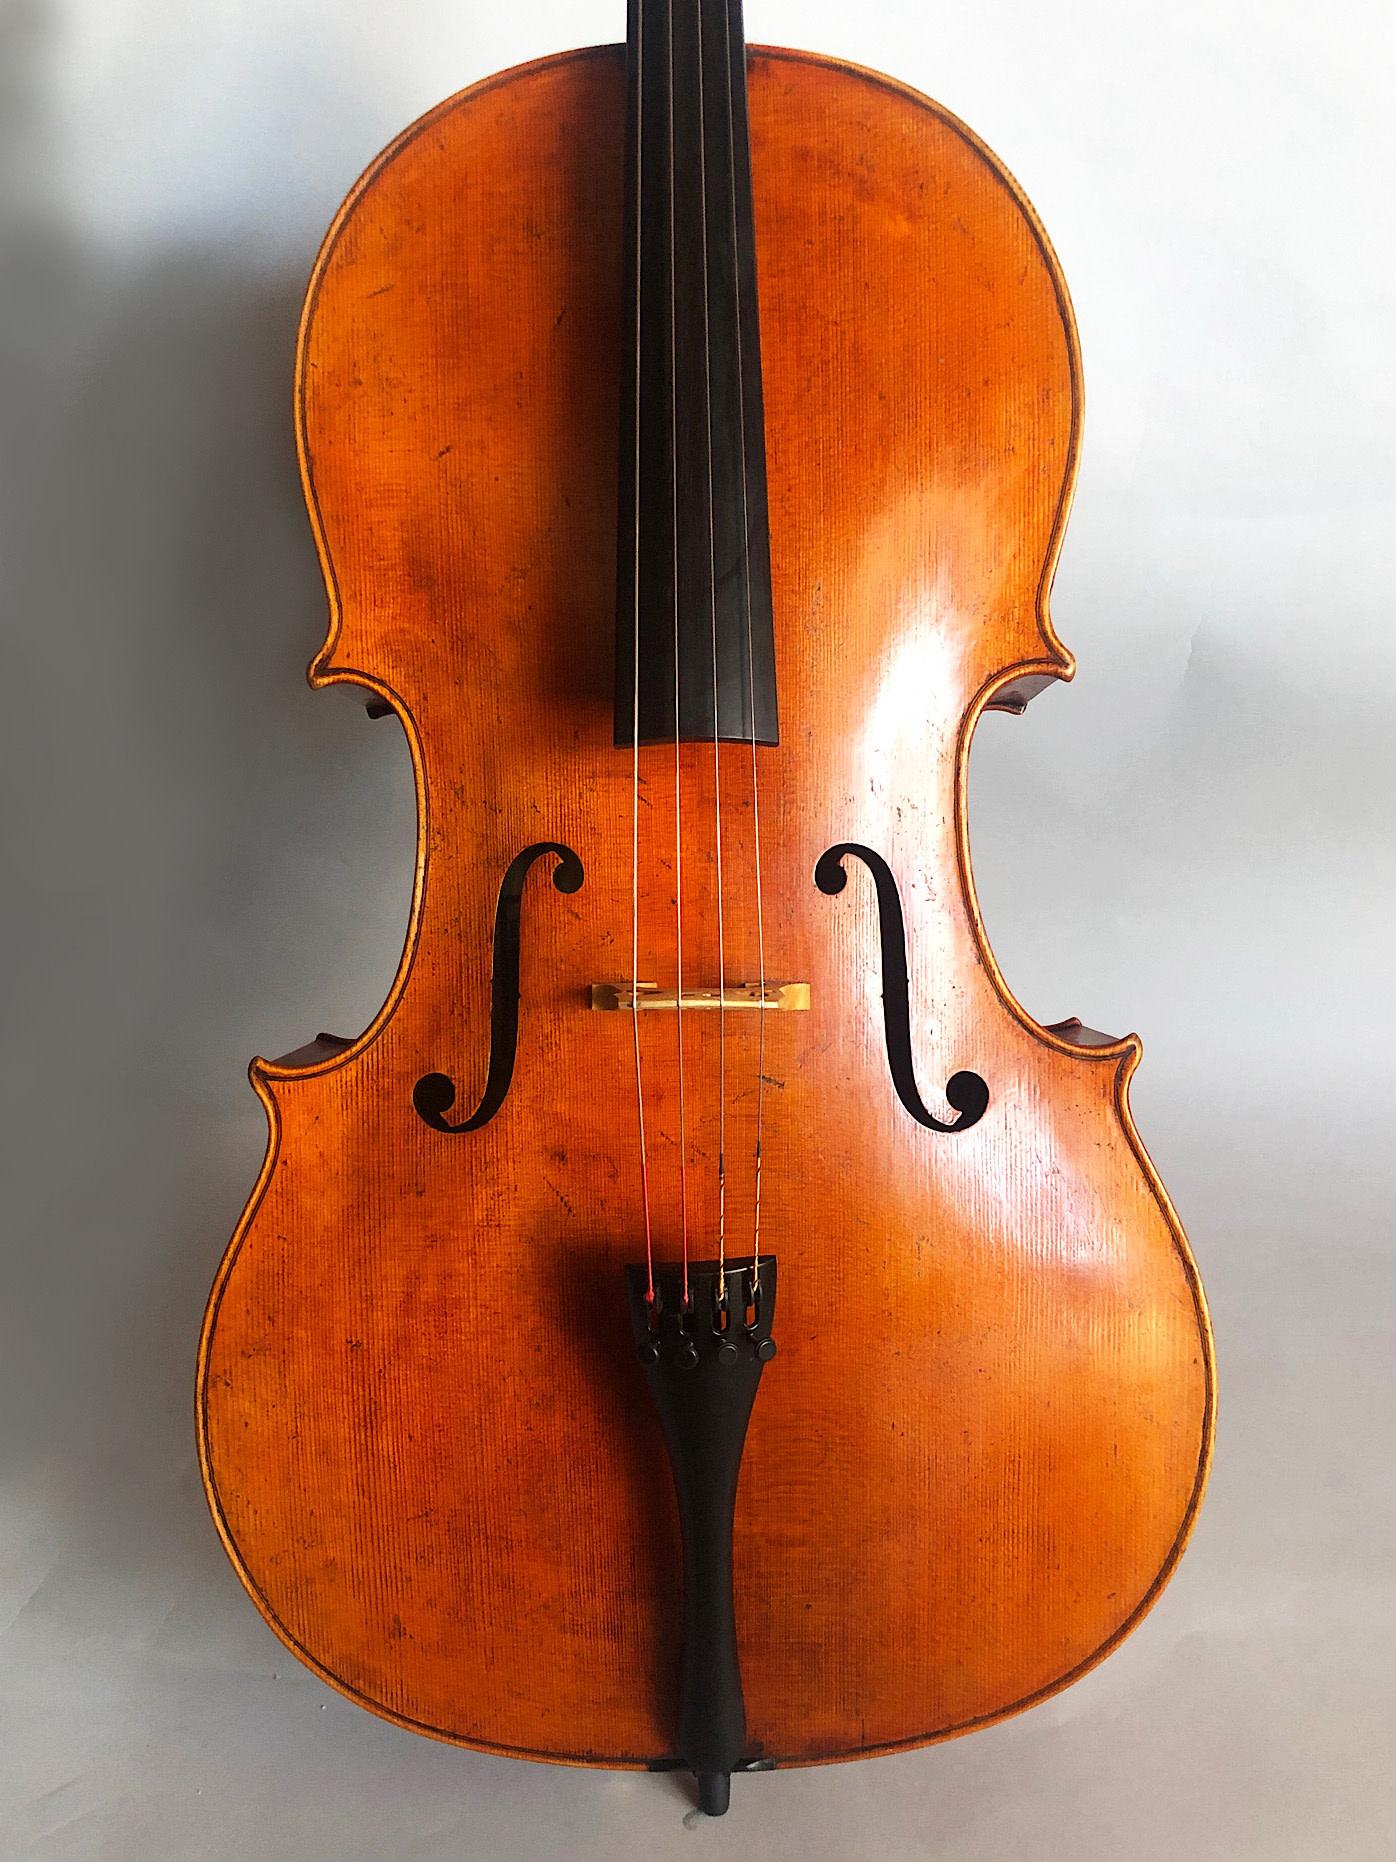 Kurt Jones cello, 2012, Seattle WA